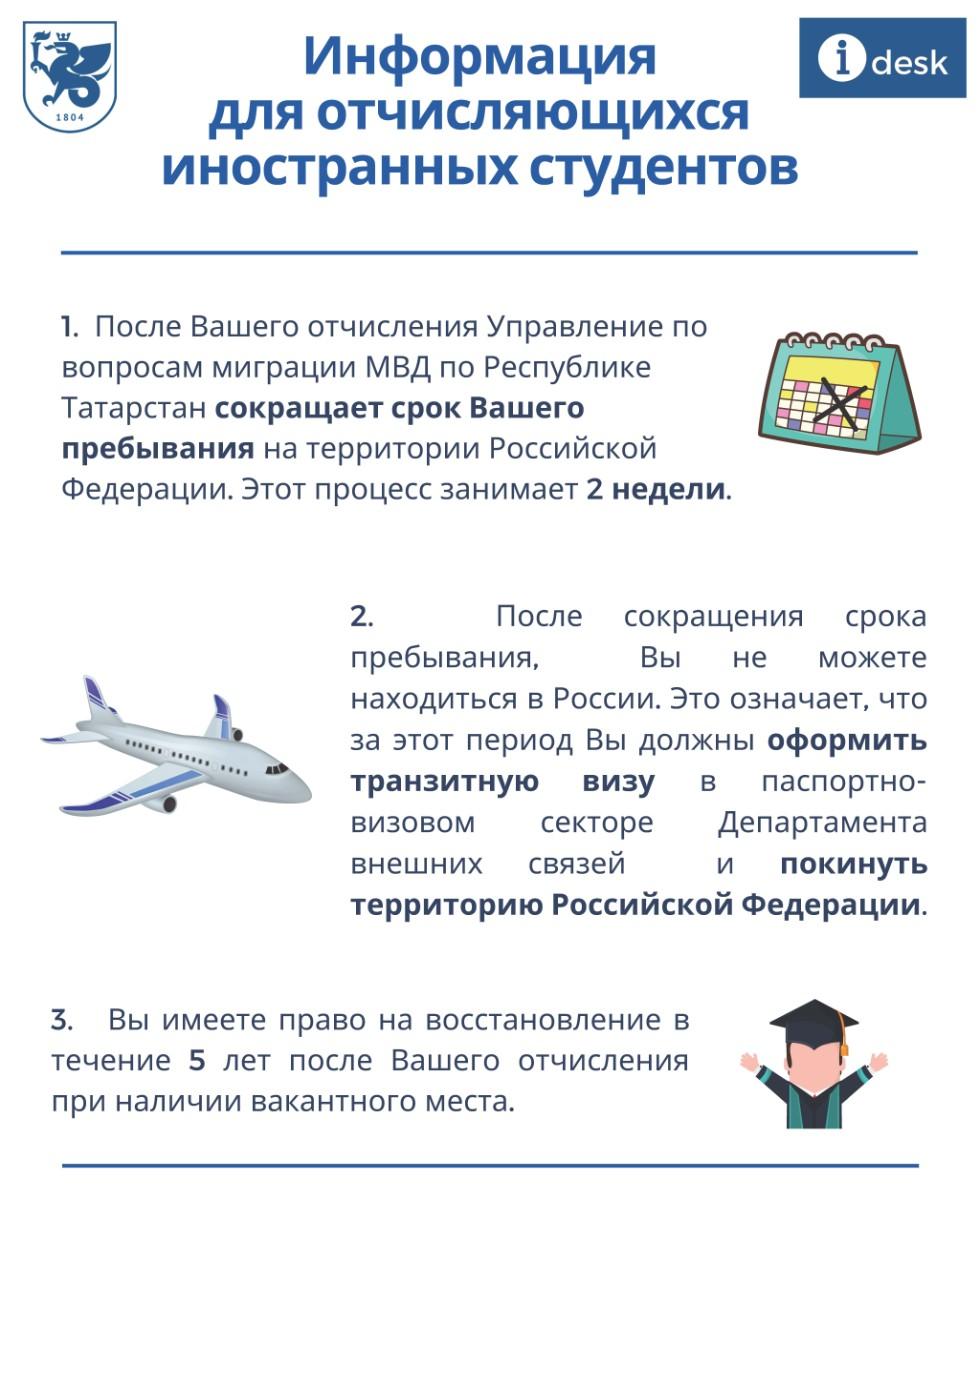 ПОРТАЛ КФУ \ Международная деятельность \ Обучение иностранных граждан \ Отчисляющемуся студенту